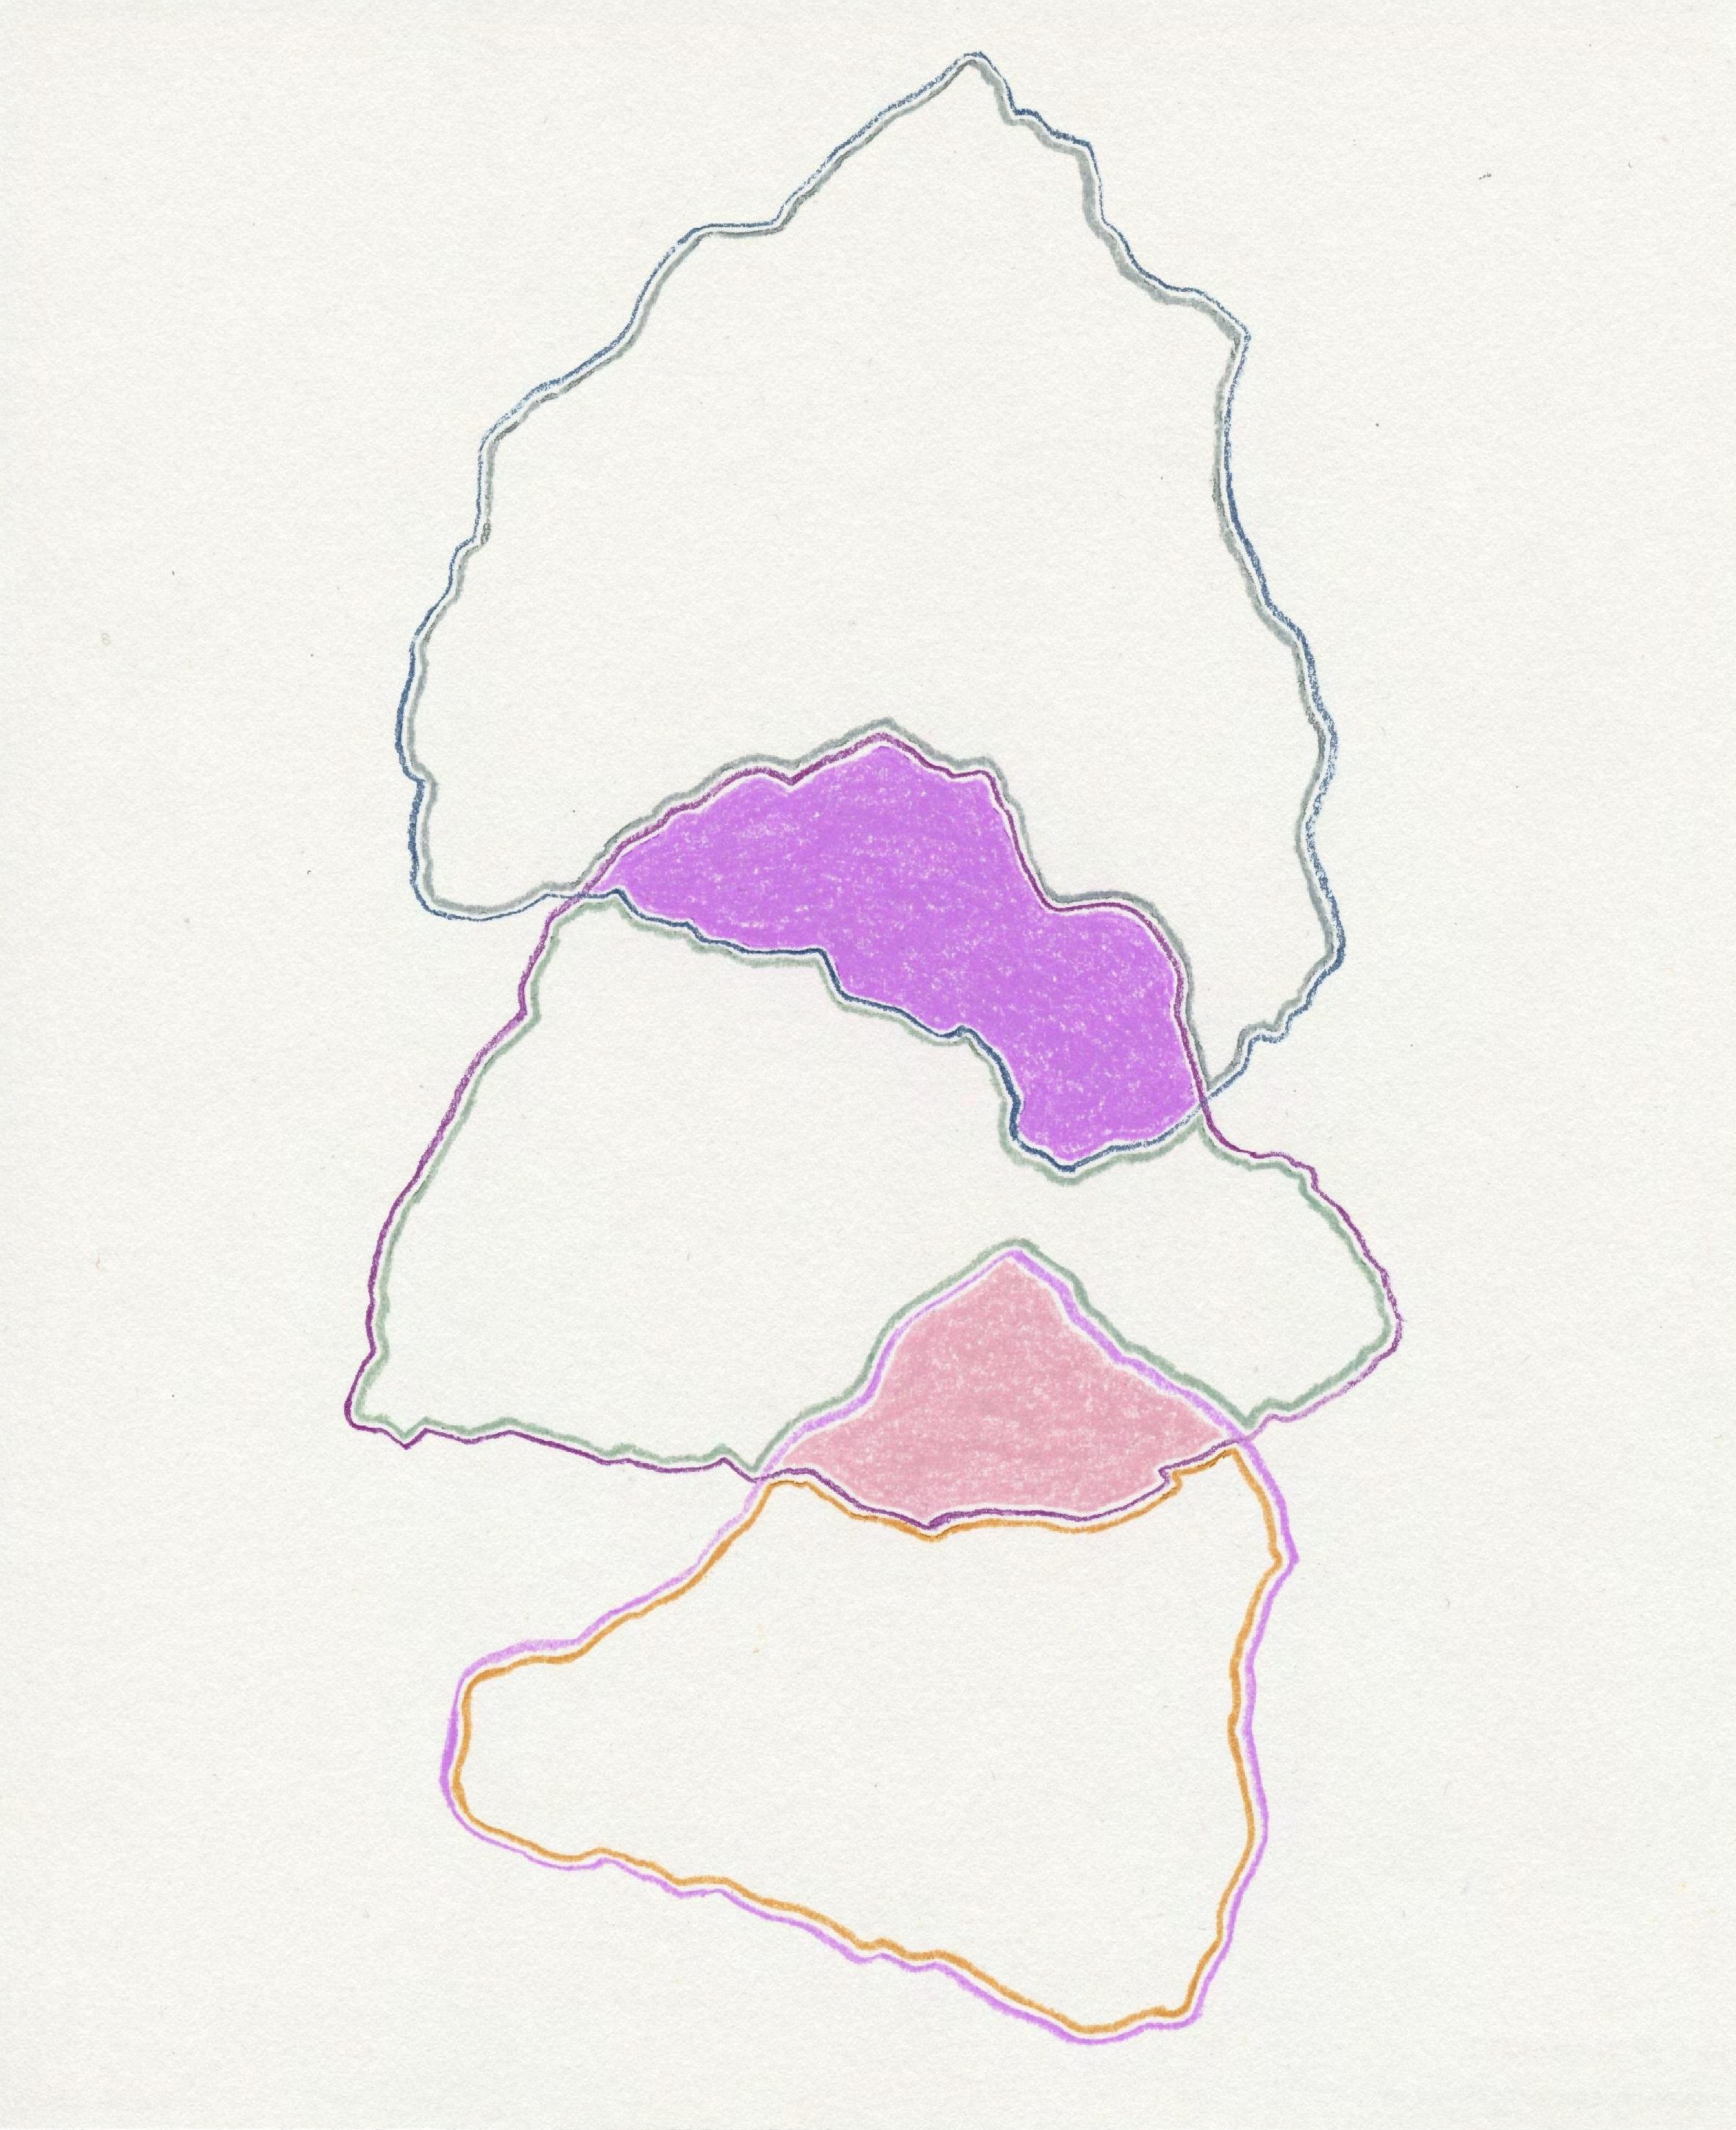 drawings_p11-page-001.jpg